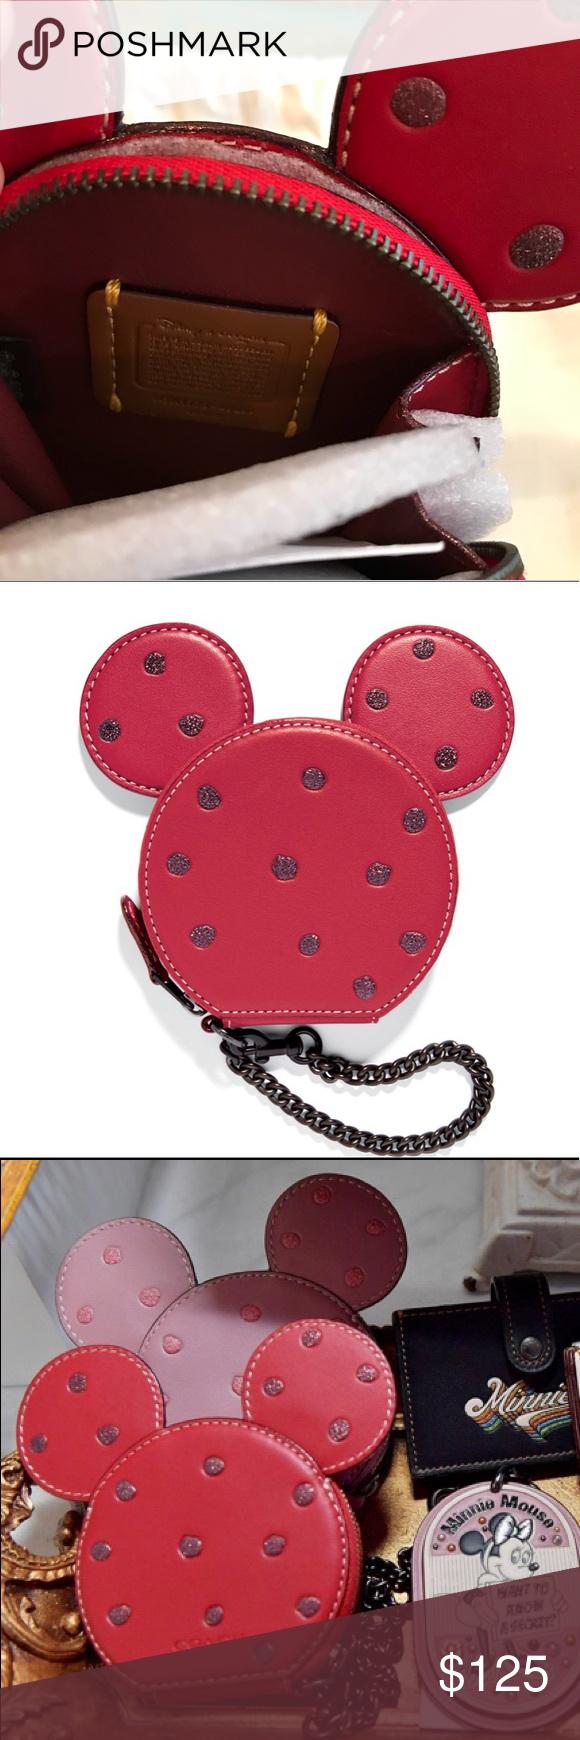 detailed look 784f1 47713 NWT Disney x Coach 1941 Minnie Mouse Coin Purse This NWT coin purse ...